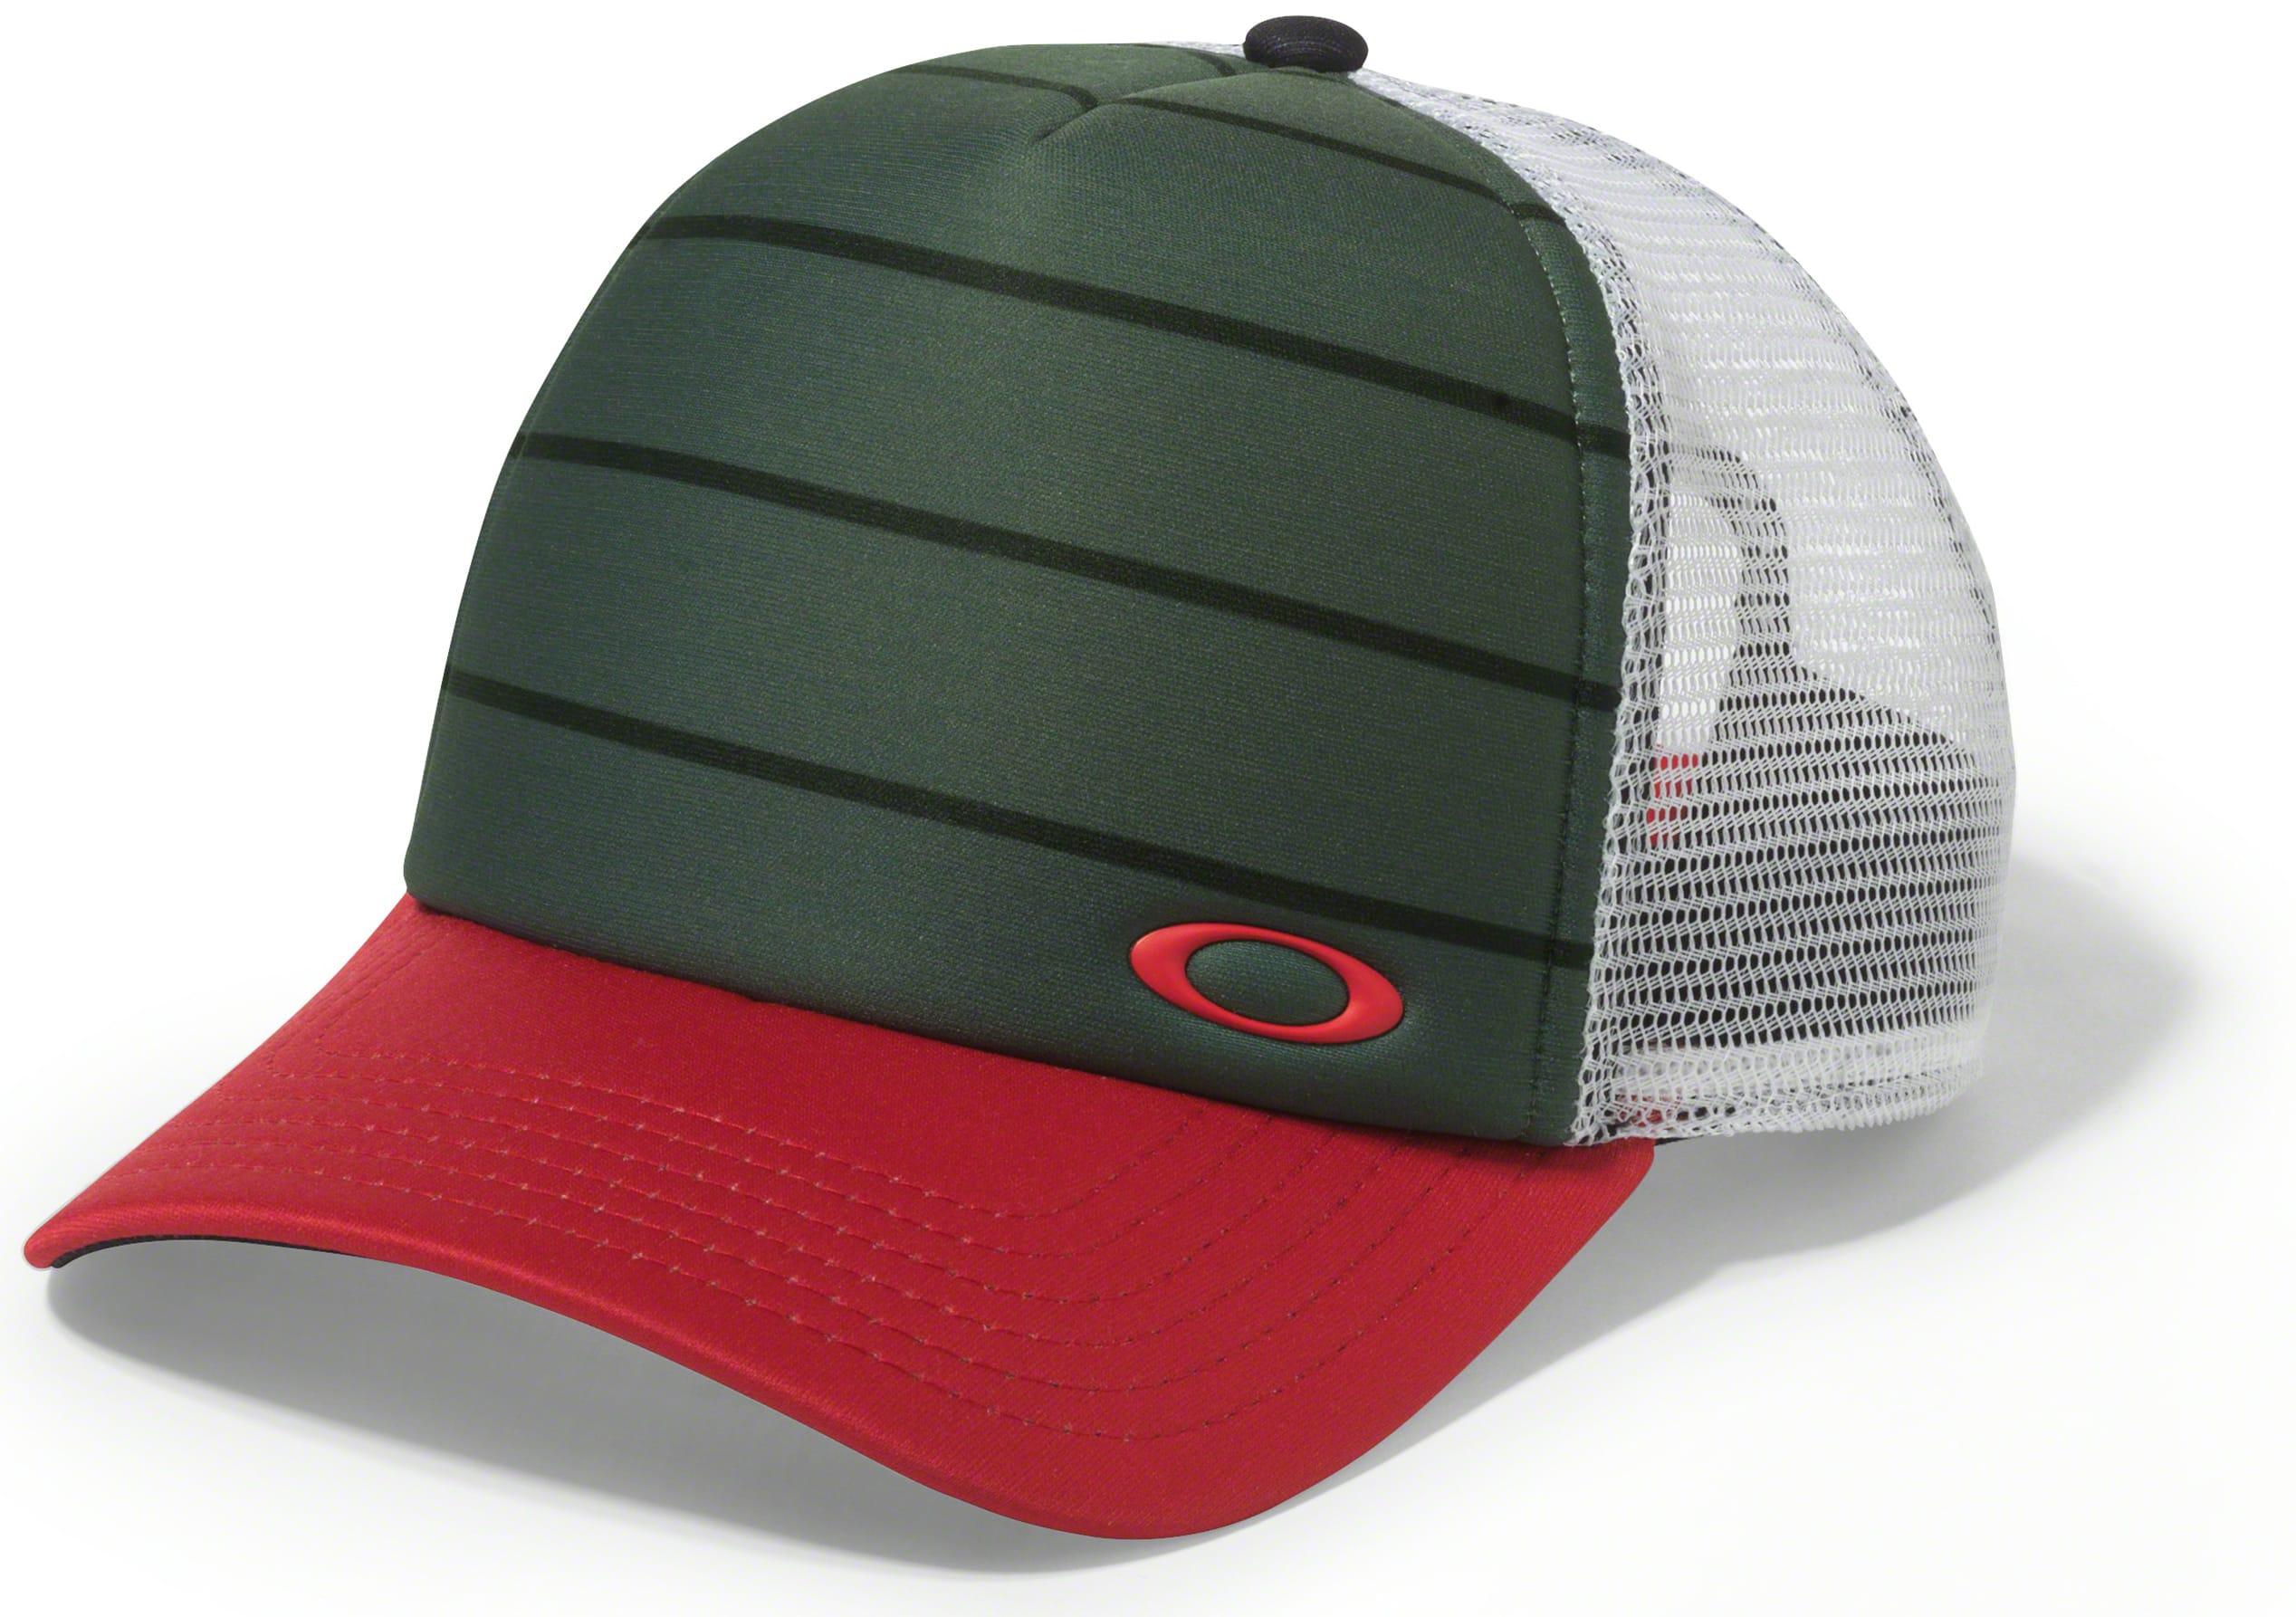 eb8313795d8 Oakley Trucker Hat - Hat HD Image Ukjugs.Org